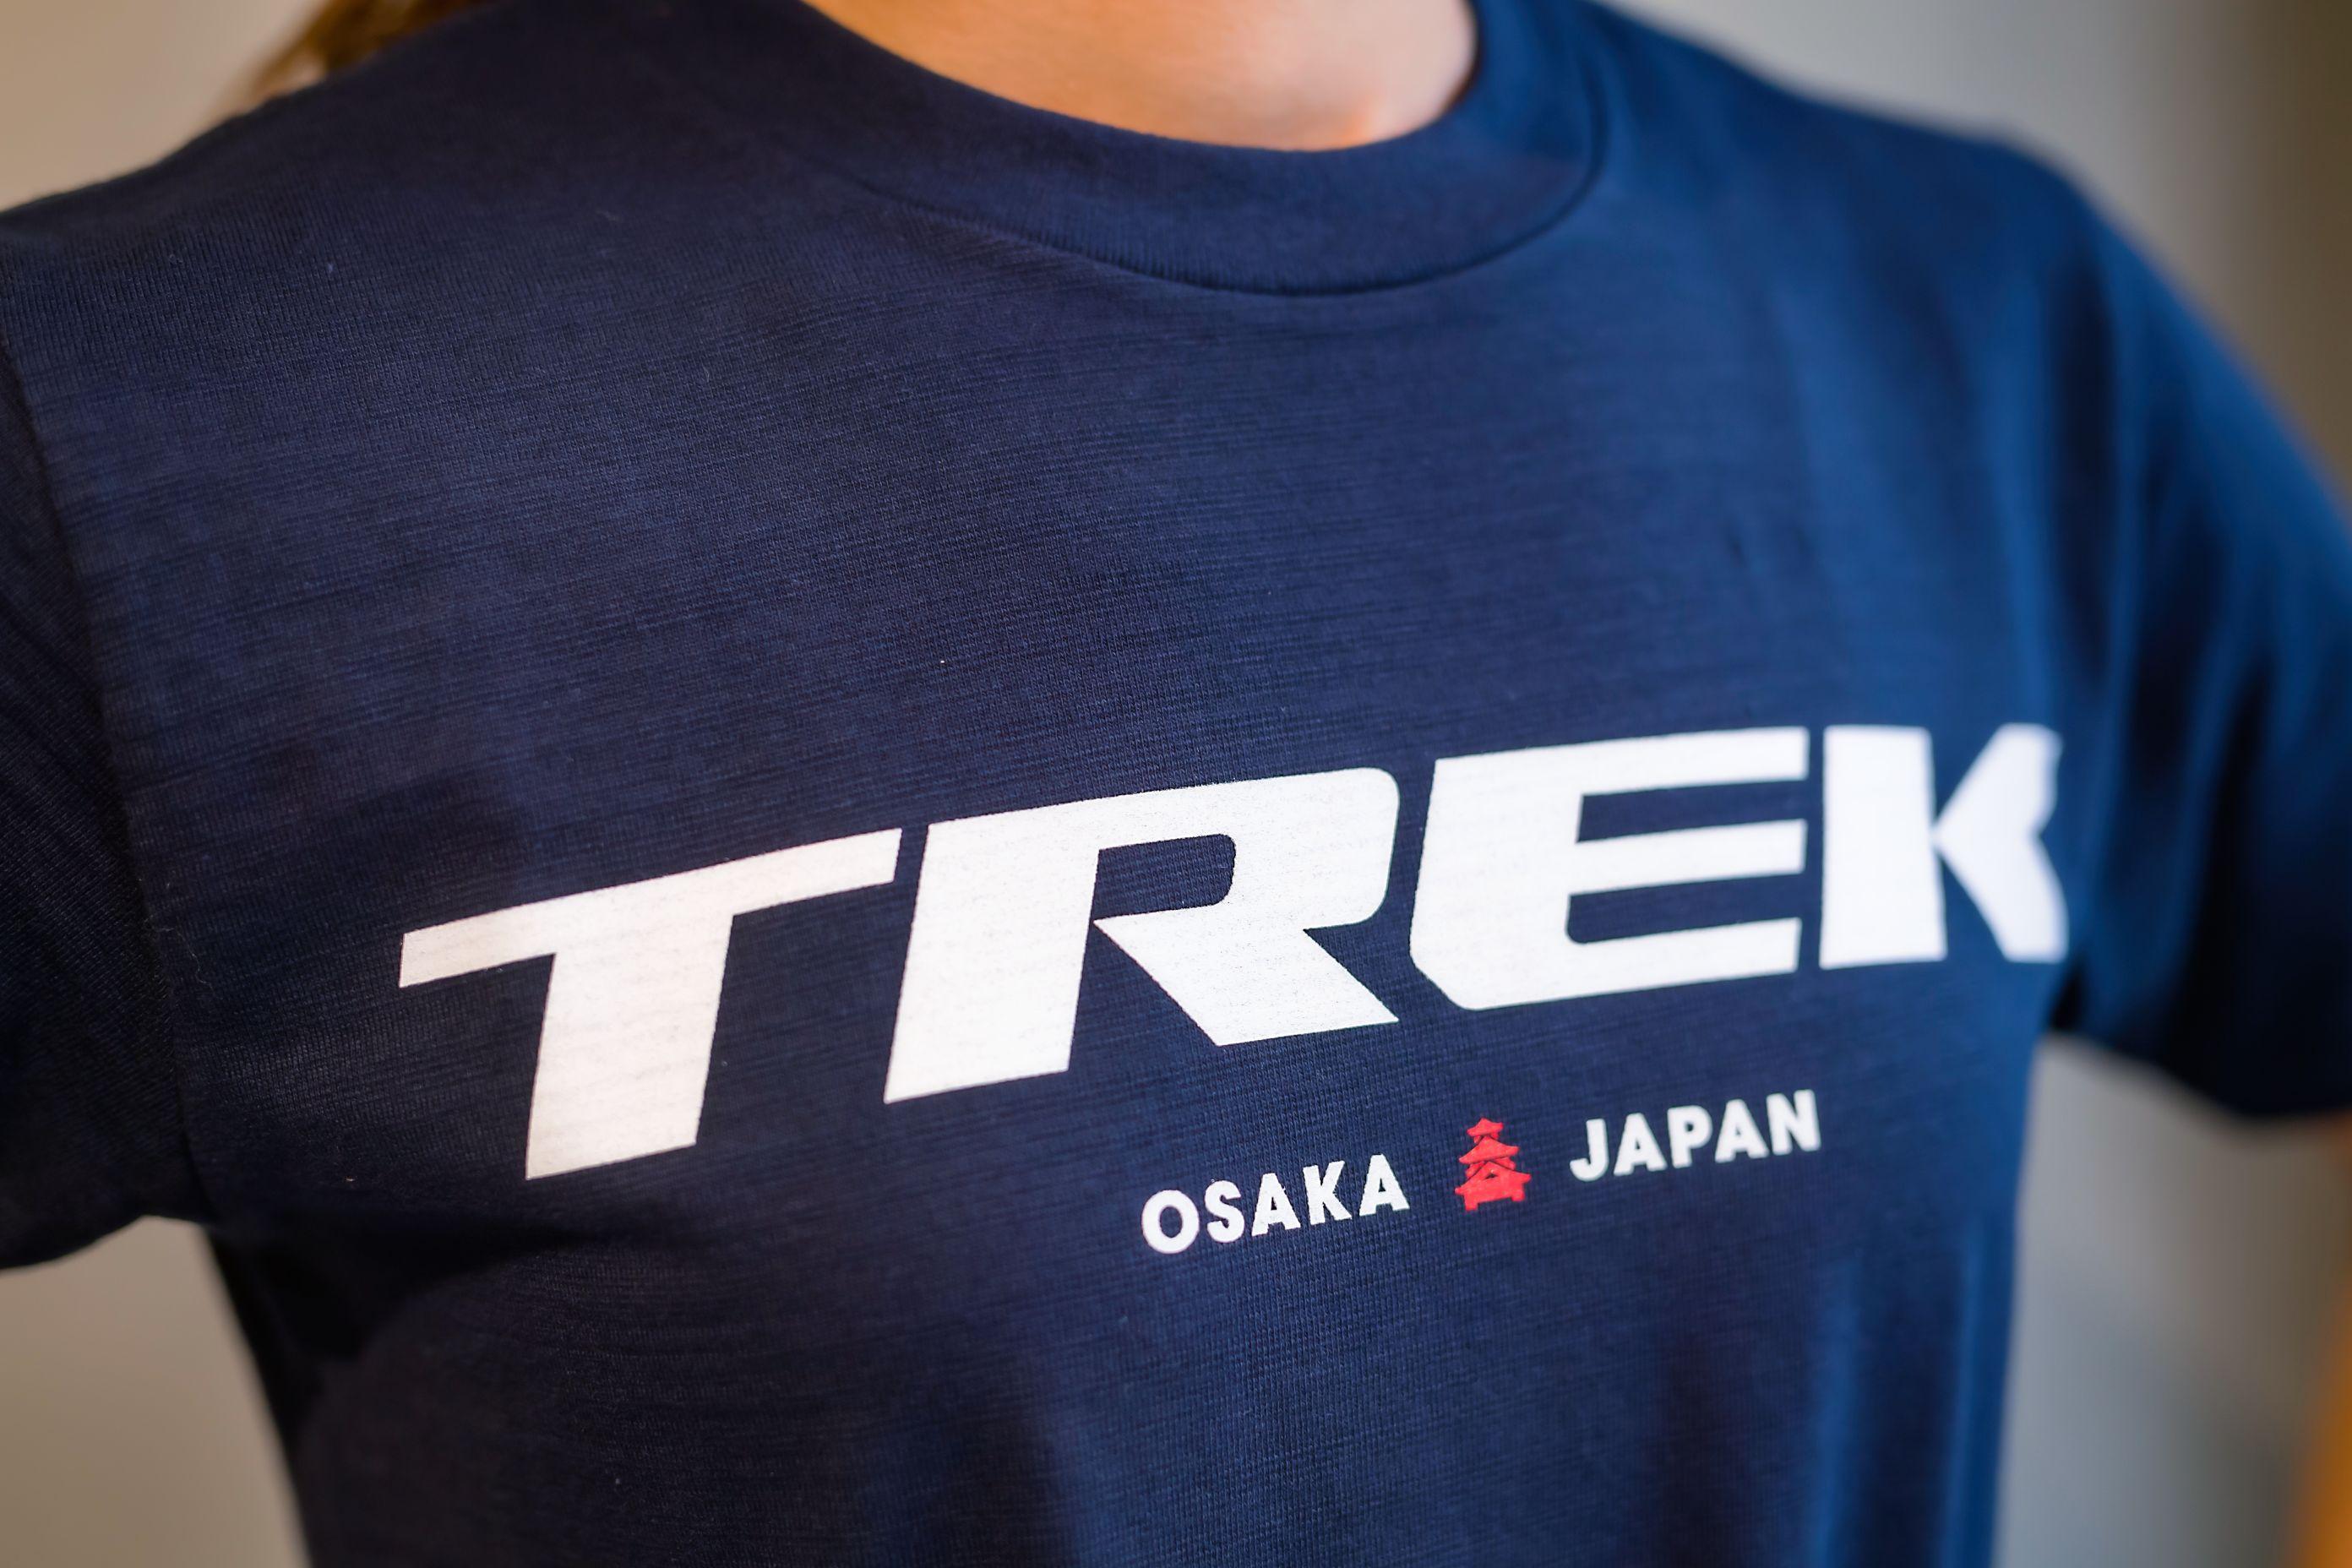 【直営店限定】地域限定TREK Tシャツ発売!